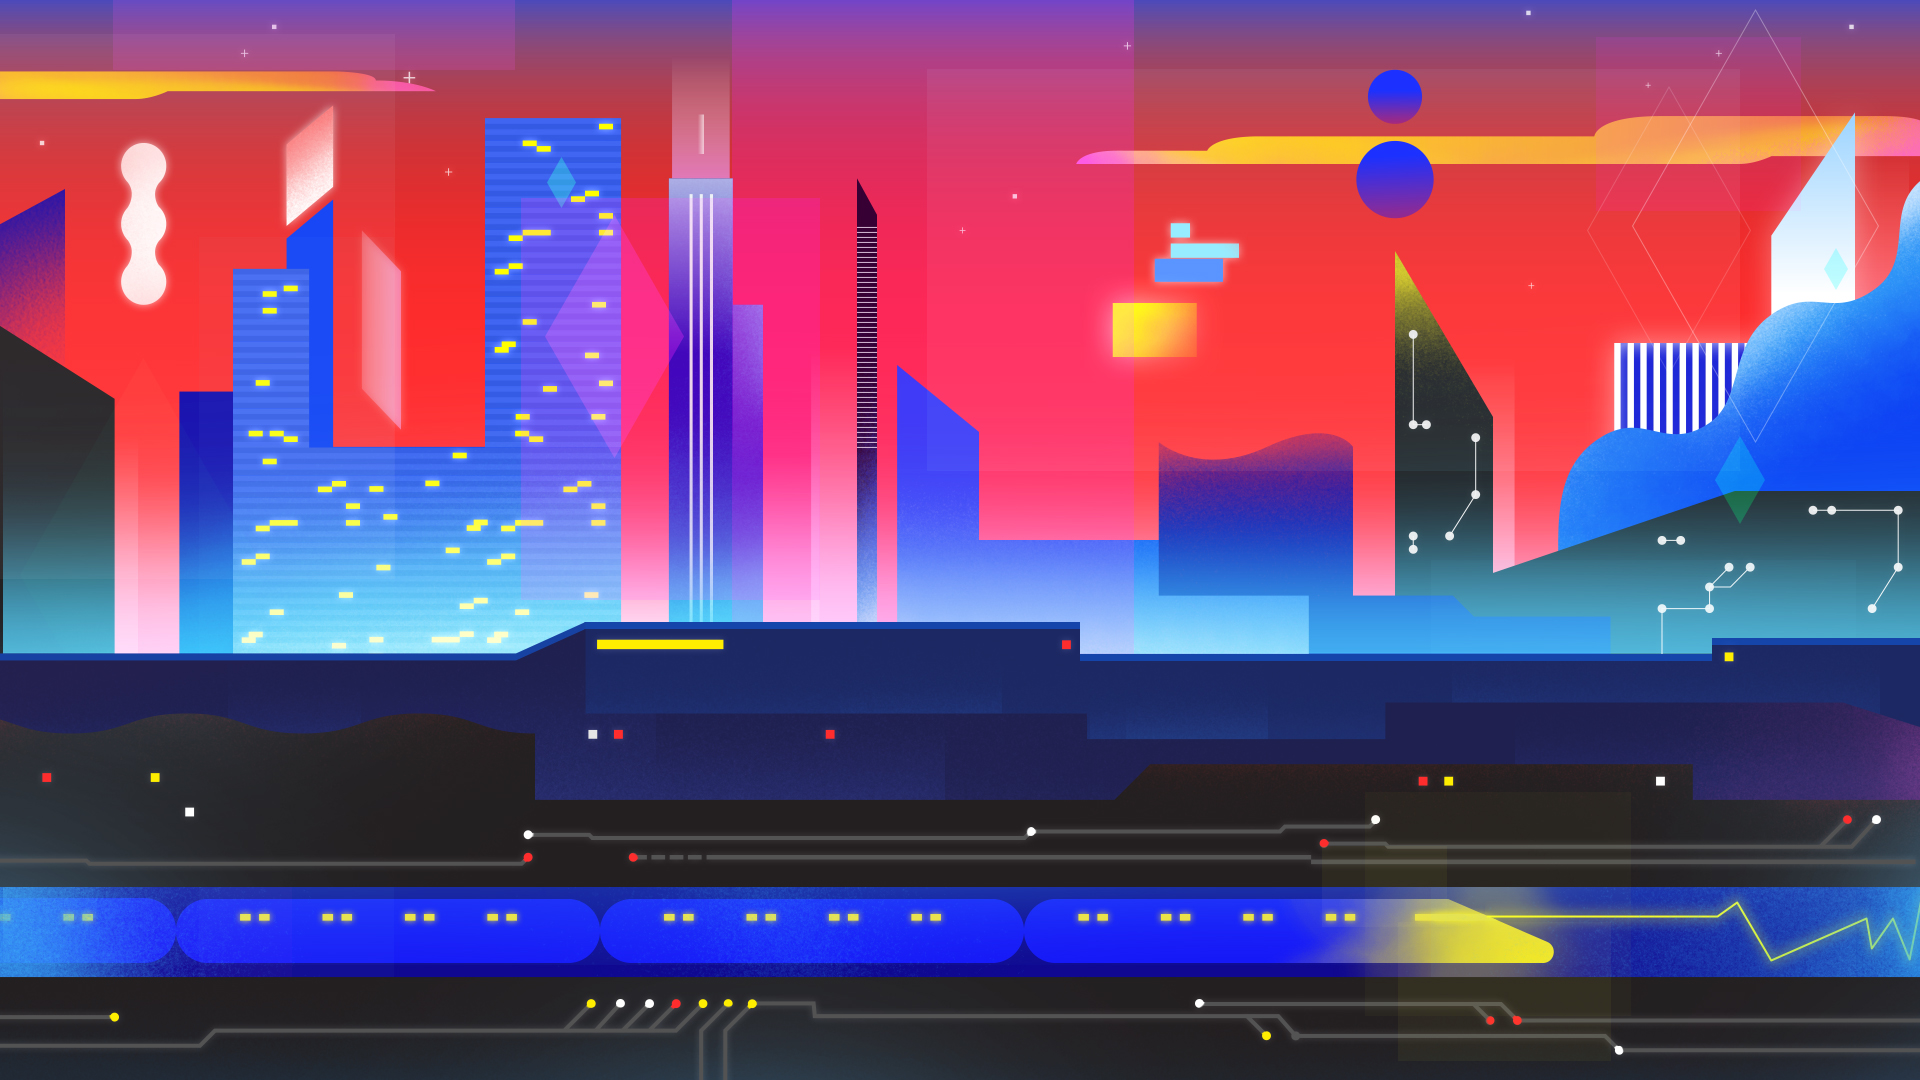 CityHorizontal_v03.jpg